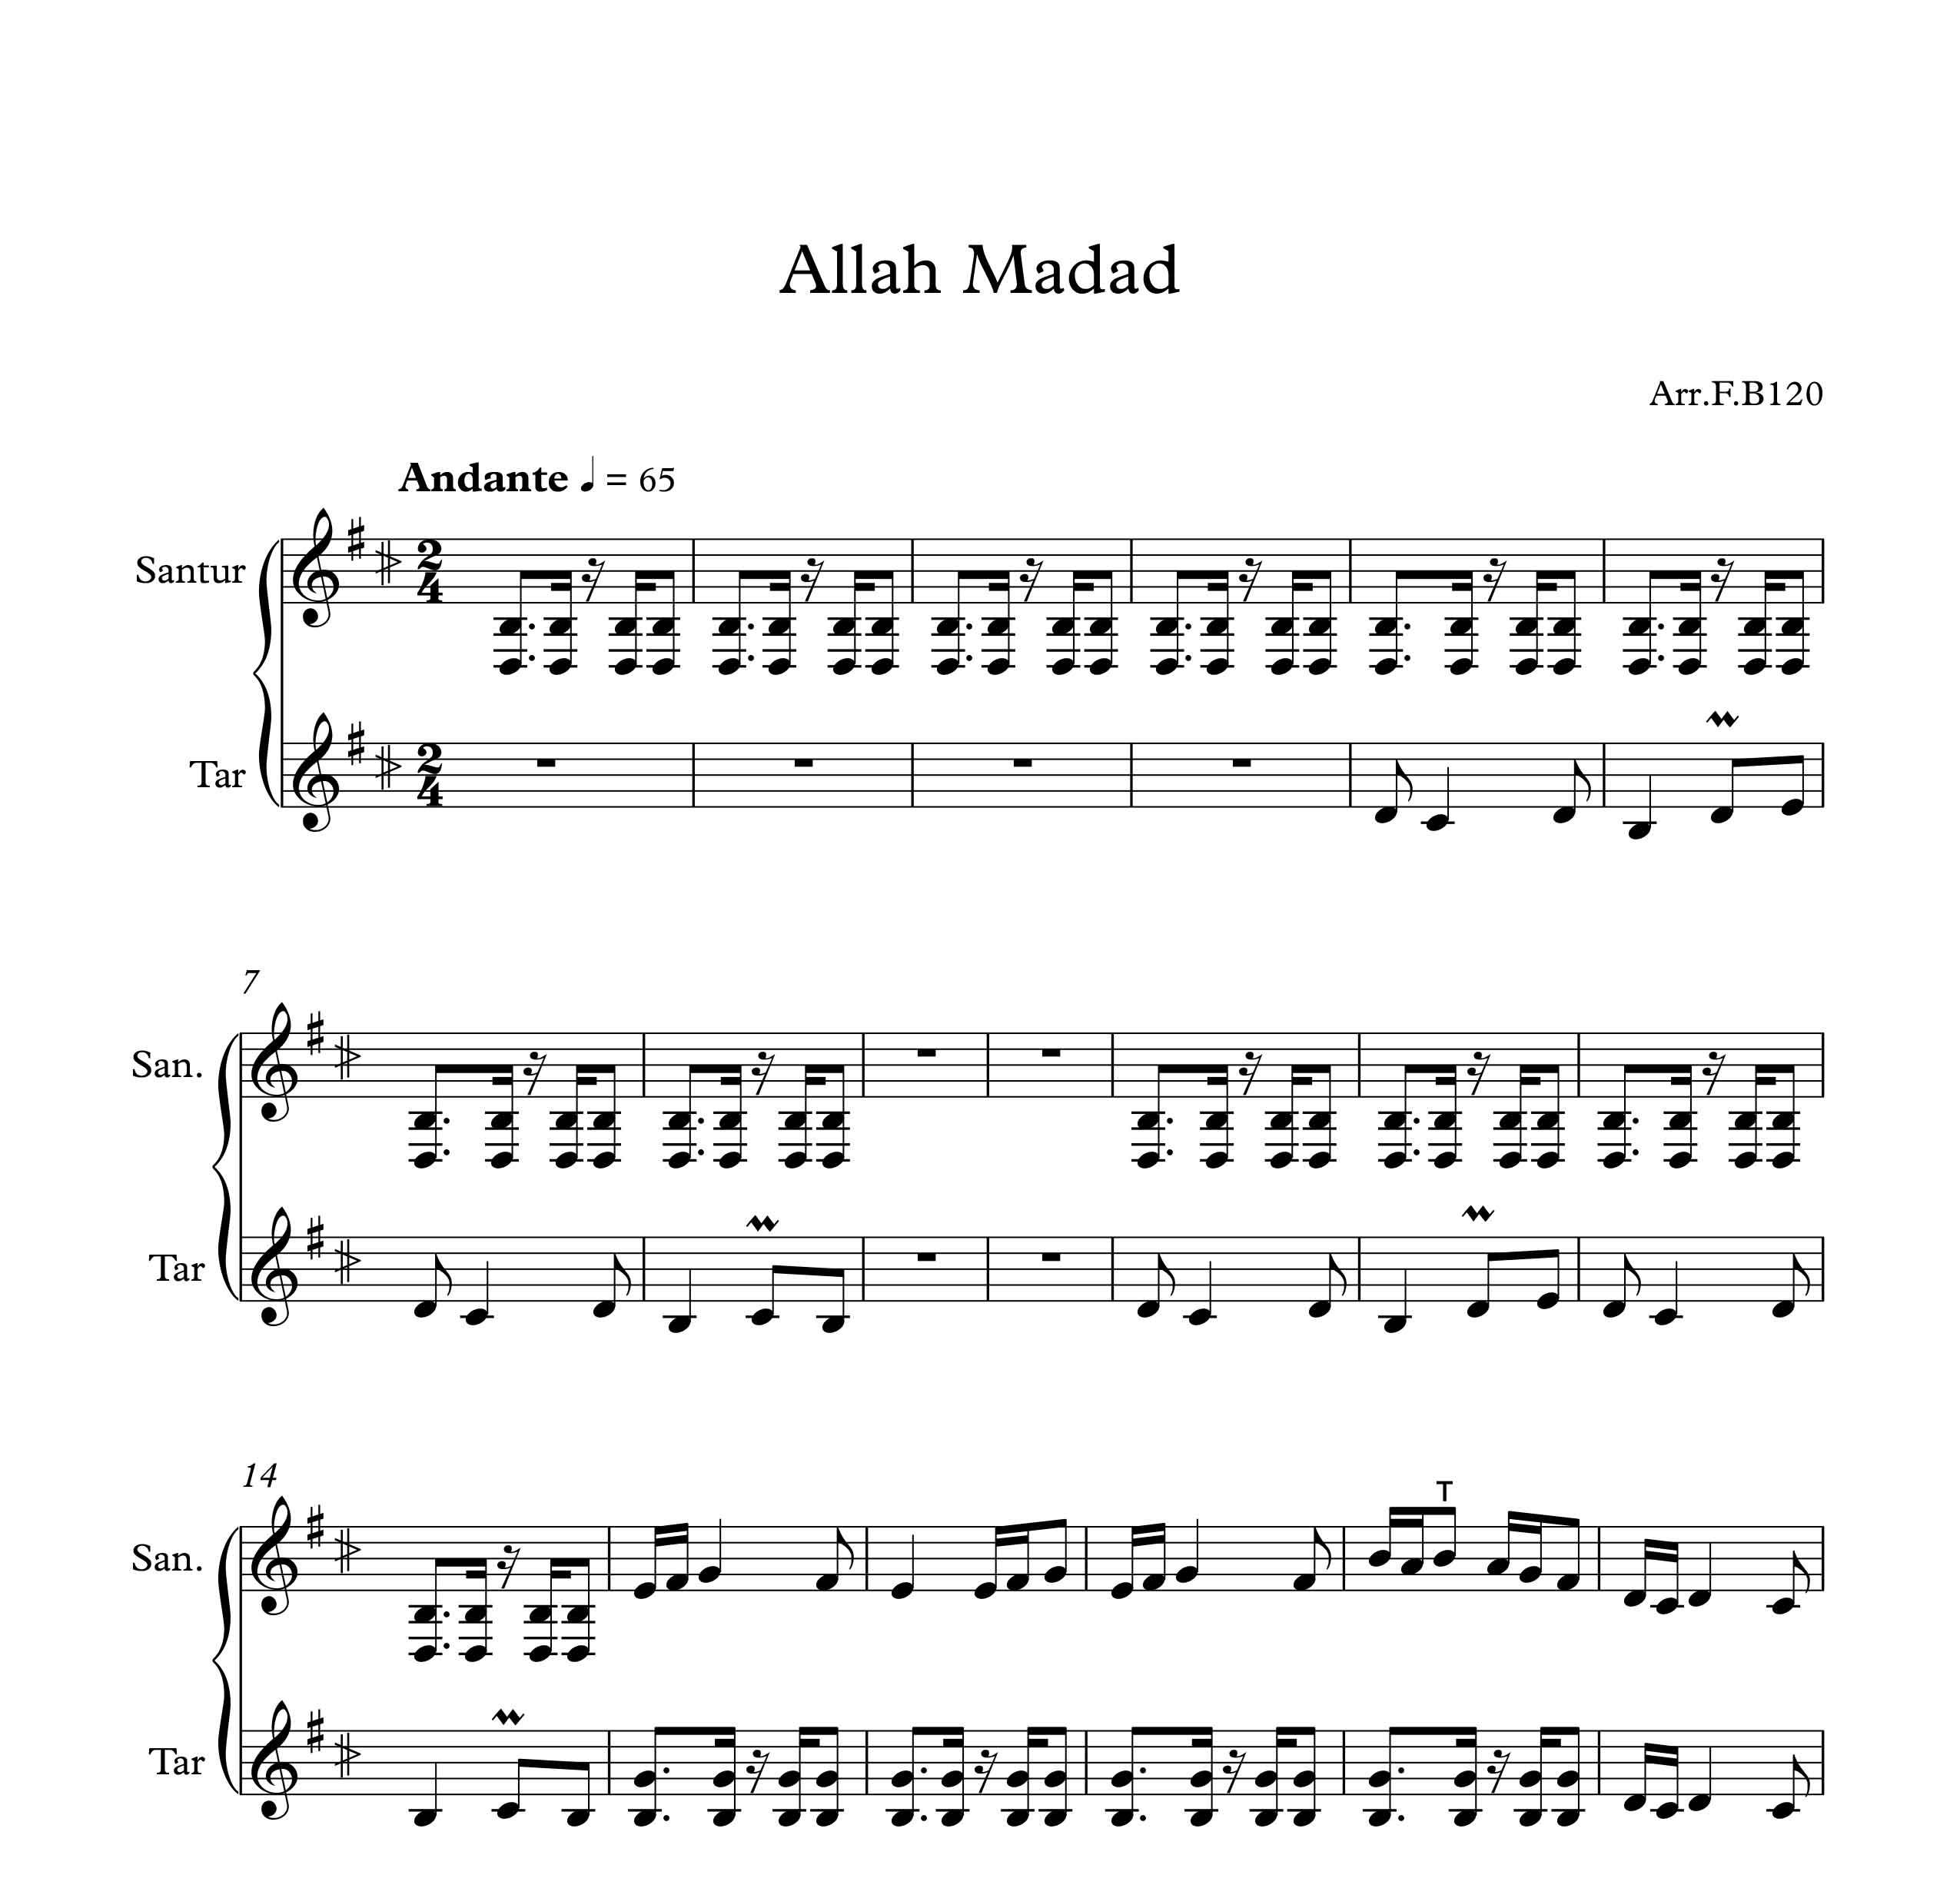 نت آهنگ الله مدد از پیام عزیزی برای همنوازی تار و سنتور